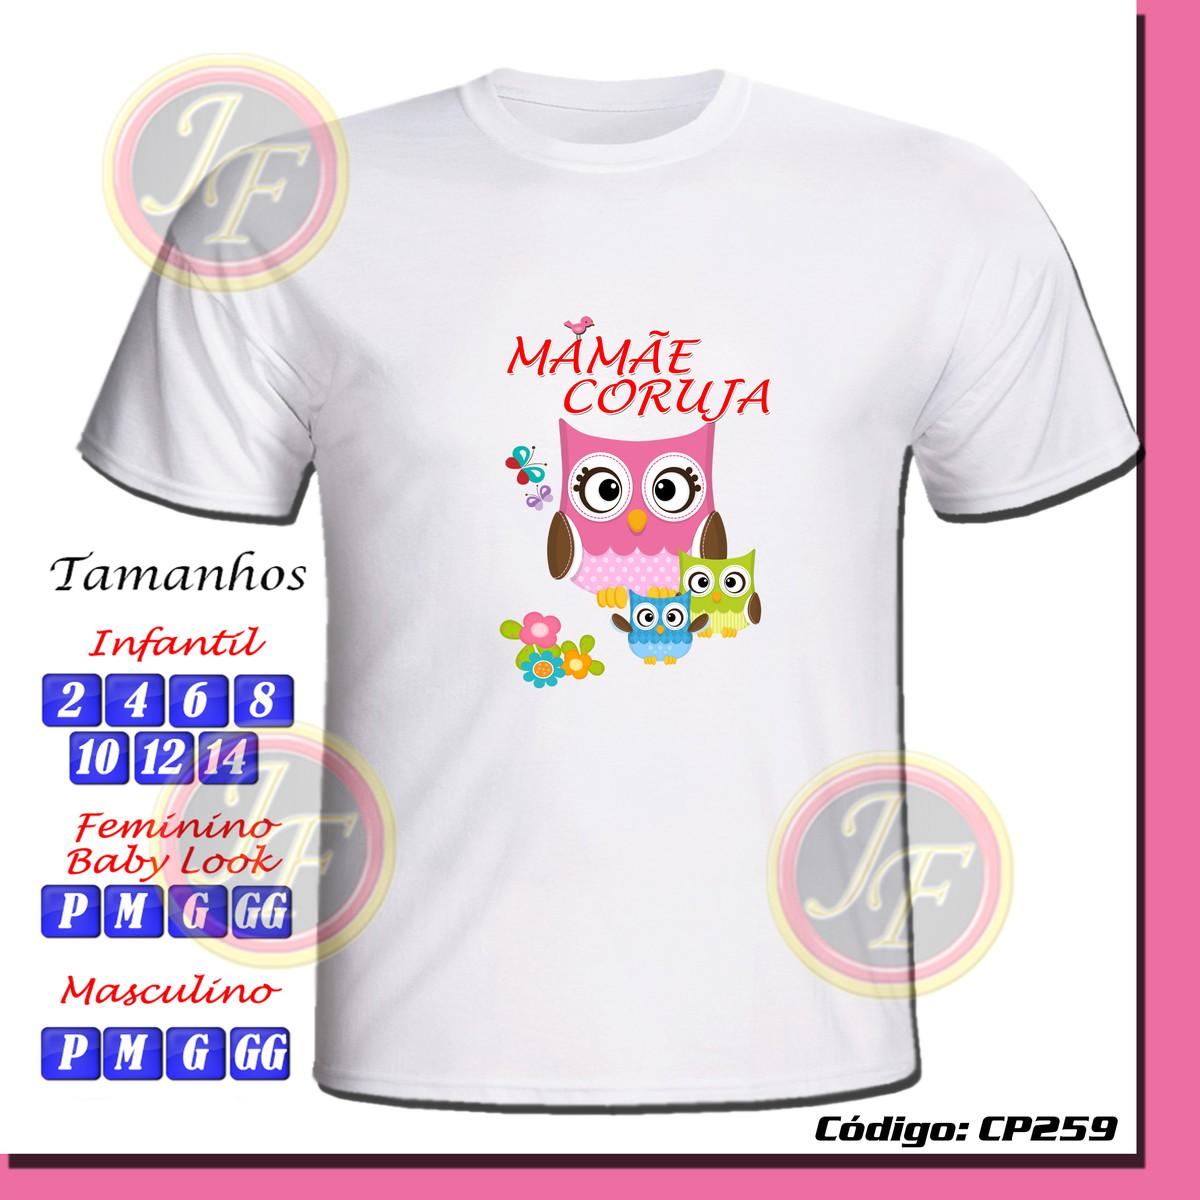 e933d923a9 Camiseta Mamãe Coruja Personalizada no Elo7